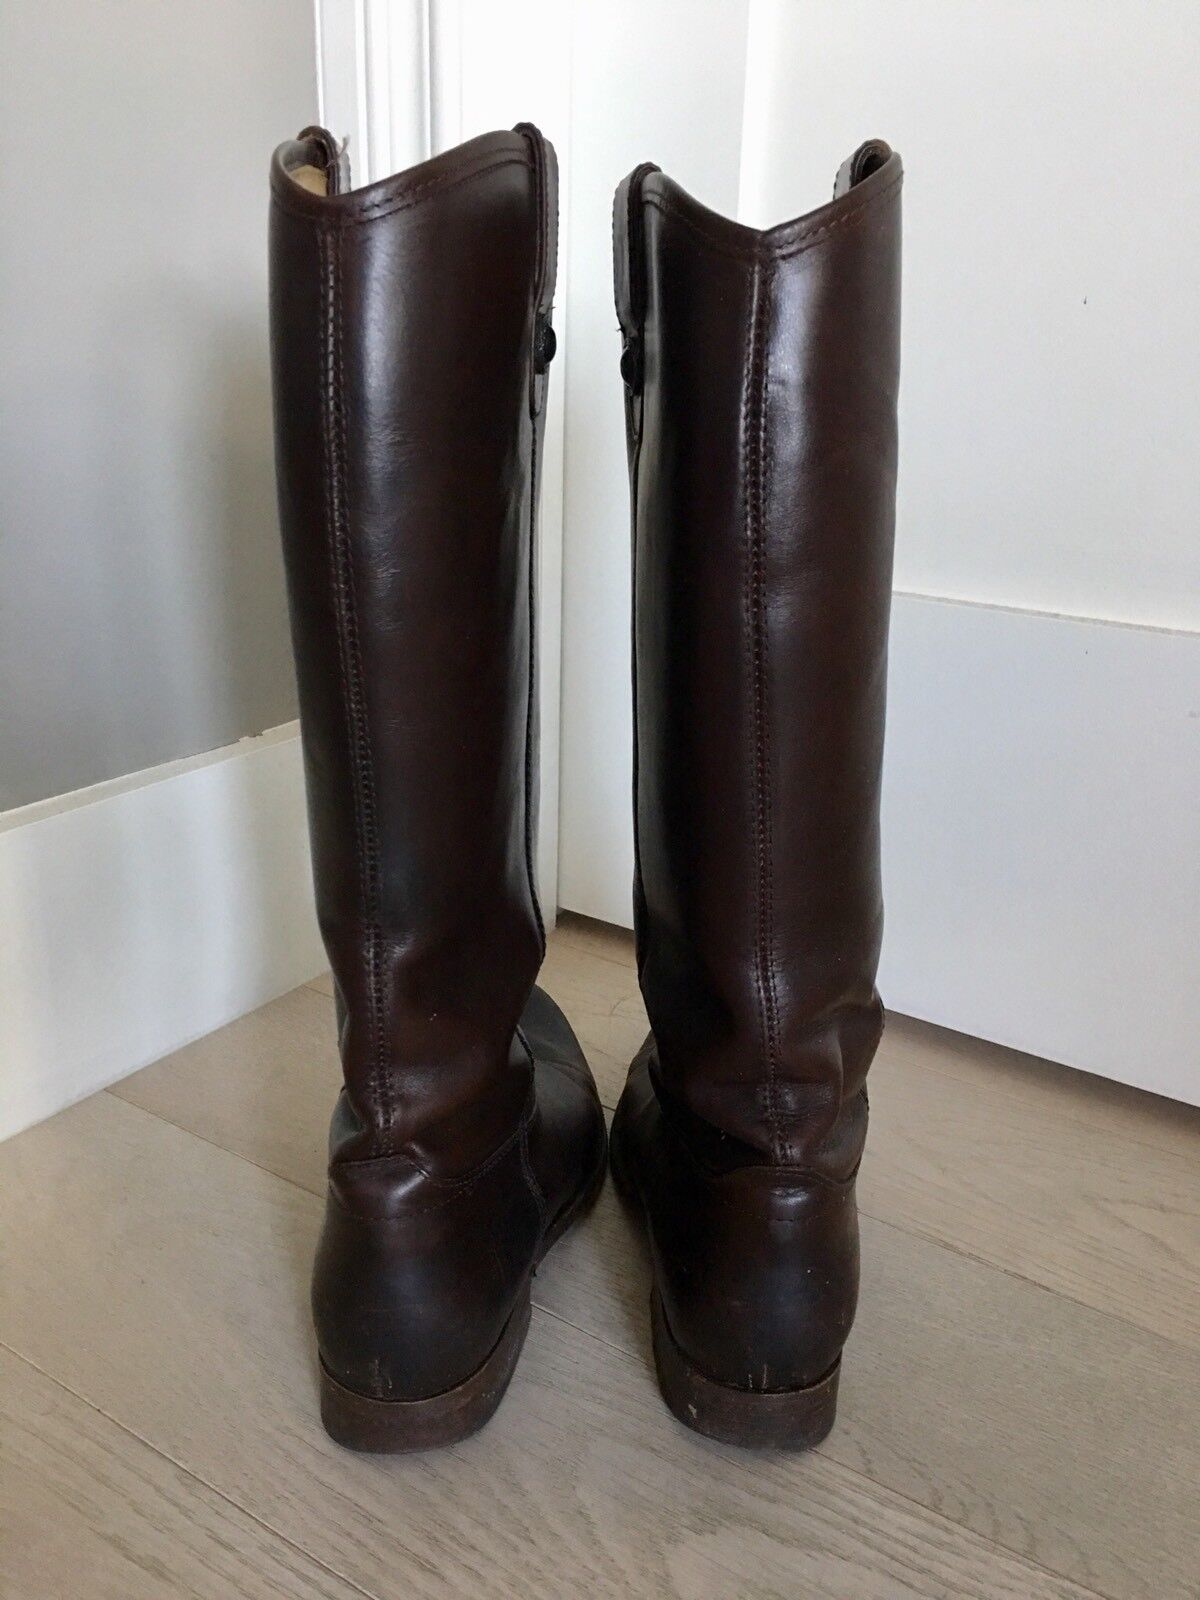 Frye Melissa Button Stiefel - - - Größe 9.5 7d65f1